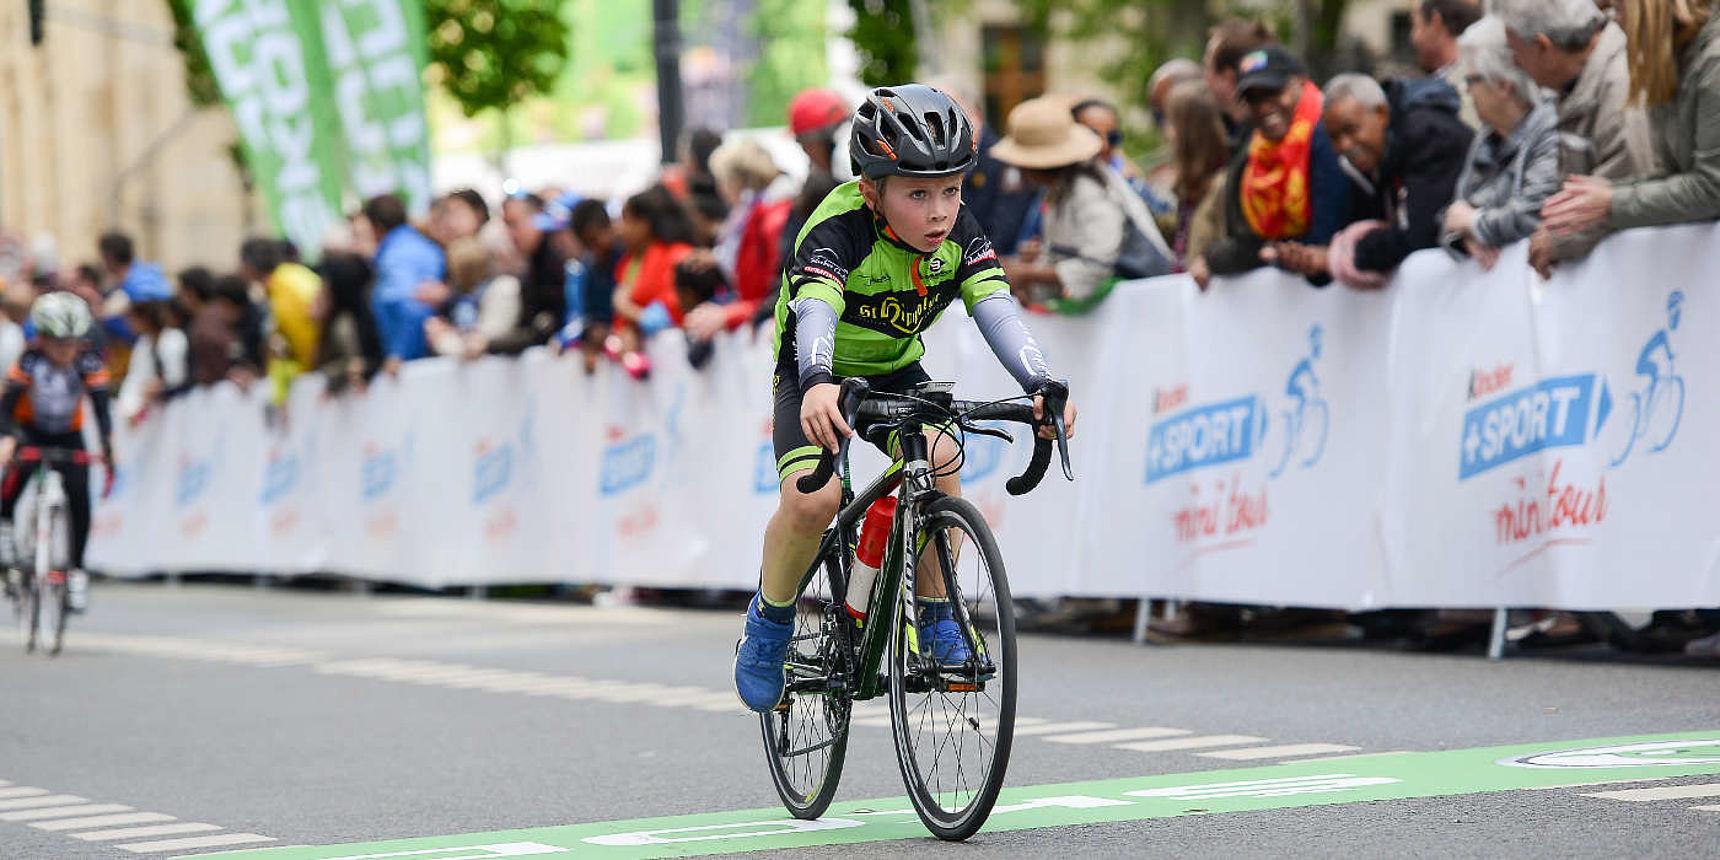 kinder+Sport Nachwuchsrennen nah